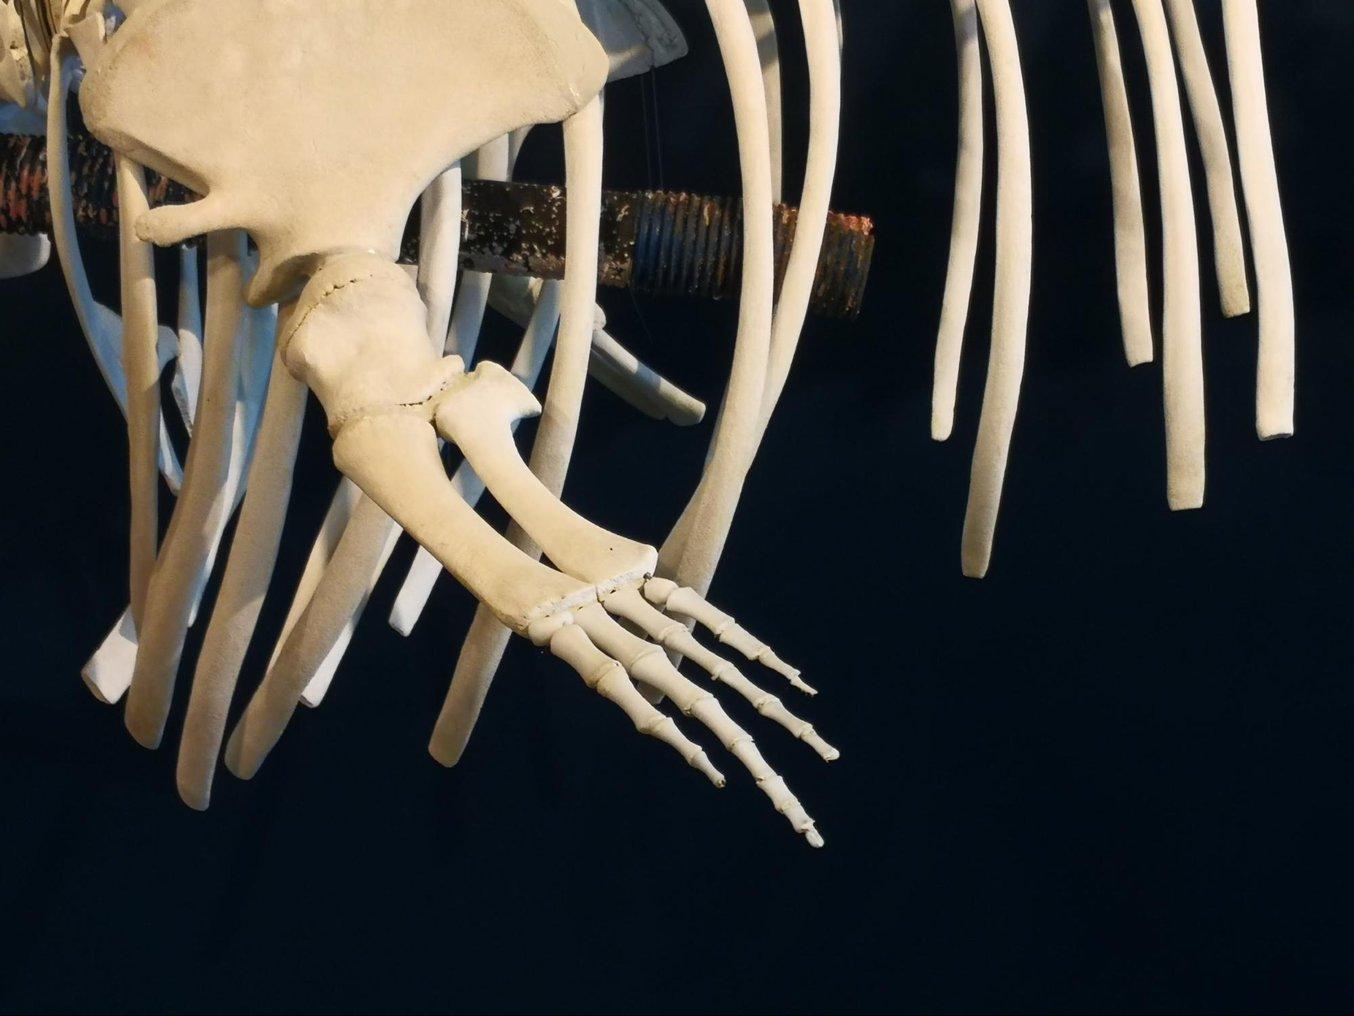 Die Knochen für die Flossen dieses Walskeletts wurden komplett mit 3D-Druck hergestellt.